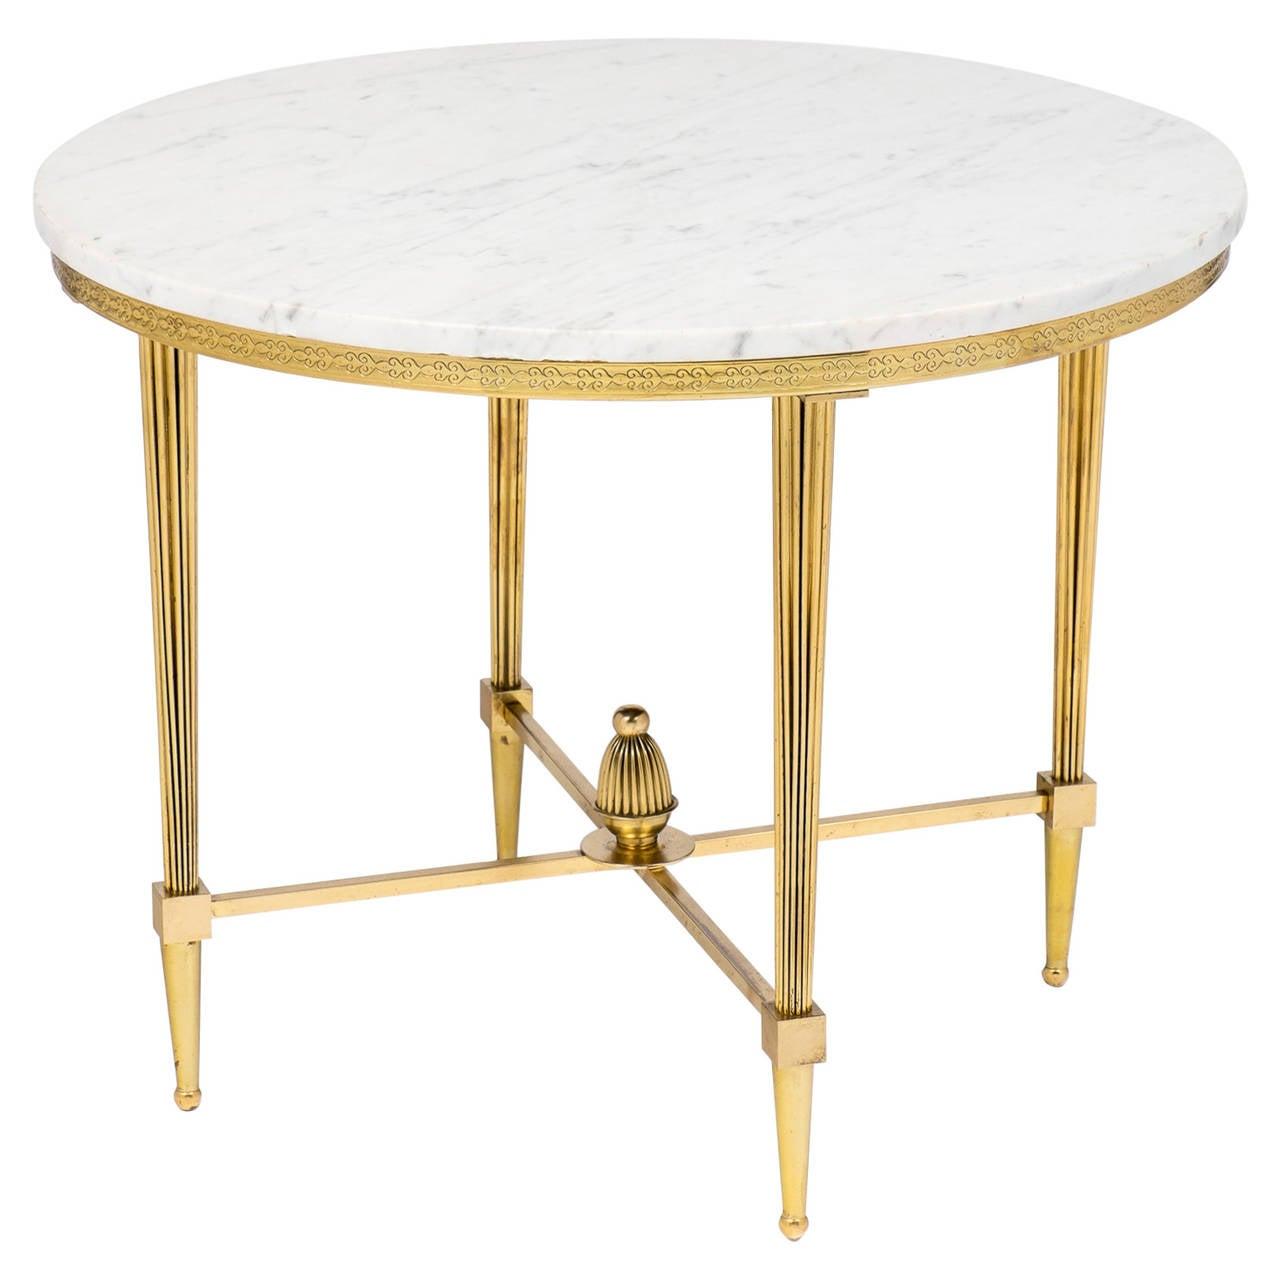 french vintage gilt brass side table at 1stdibs. Black Bedroom Furniture Sets. Home Design Ideas